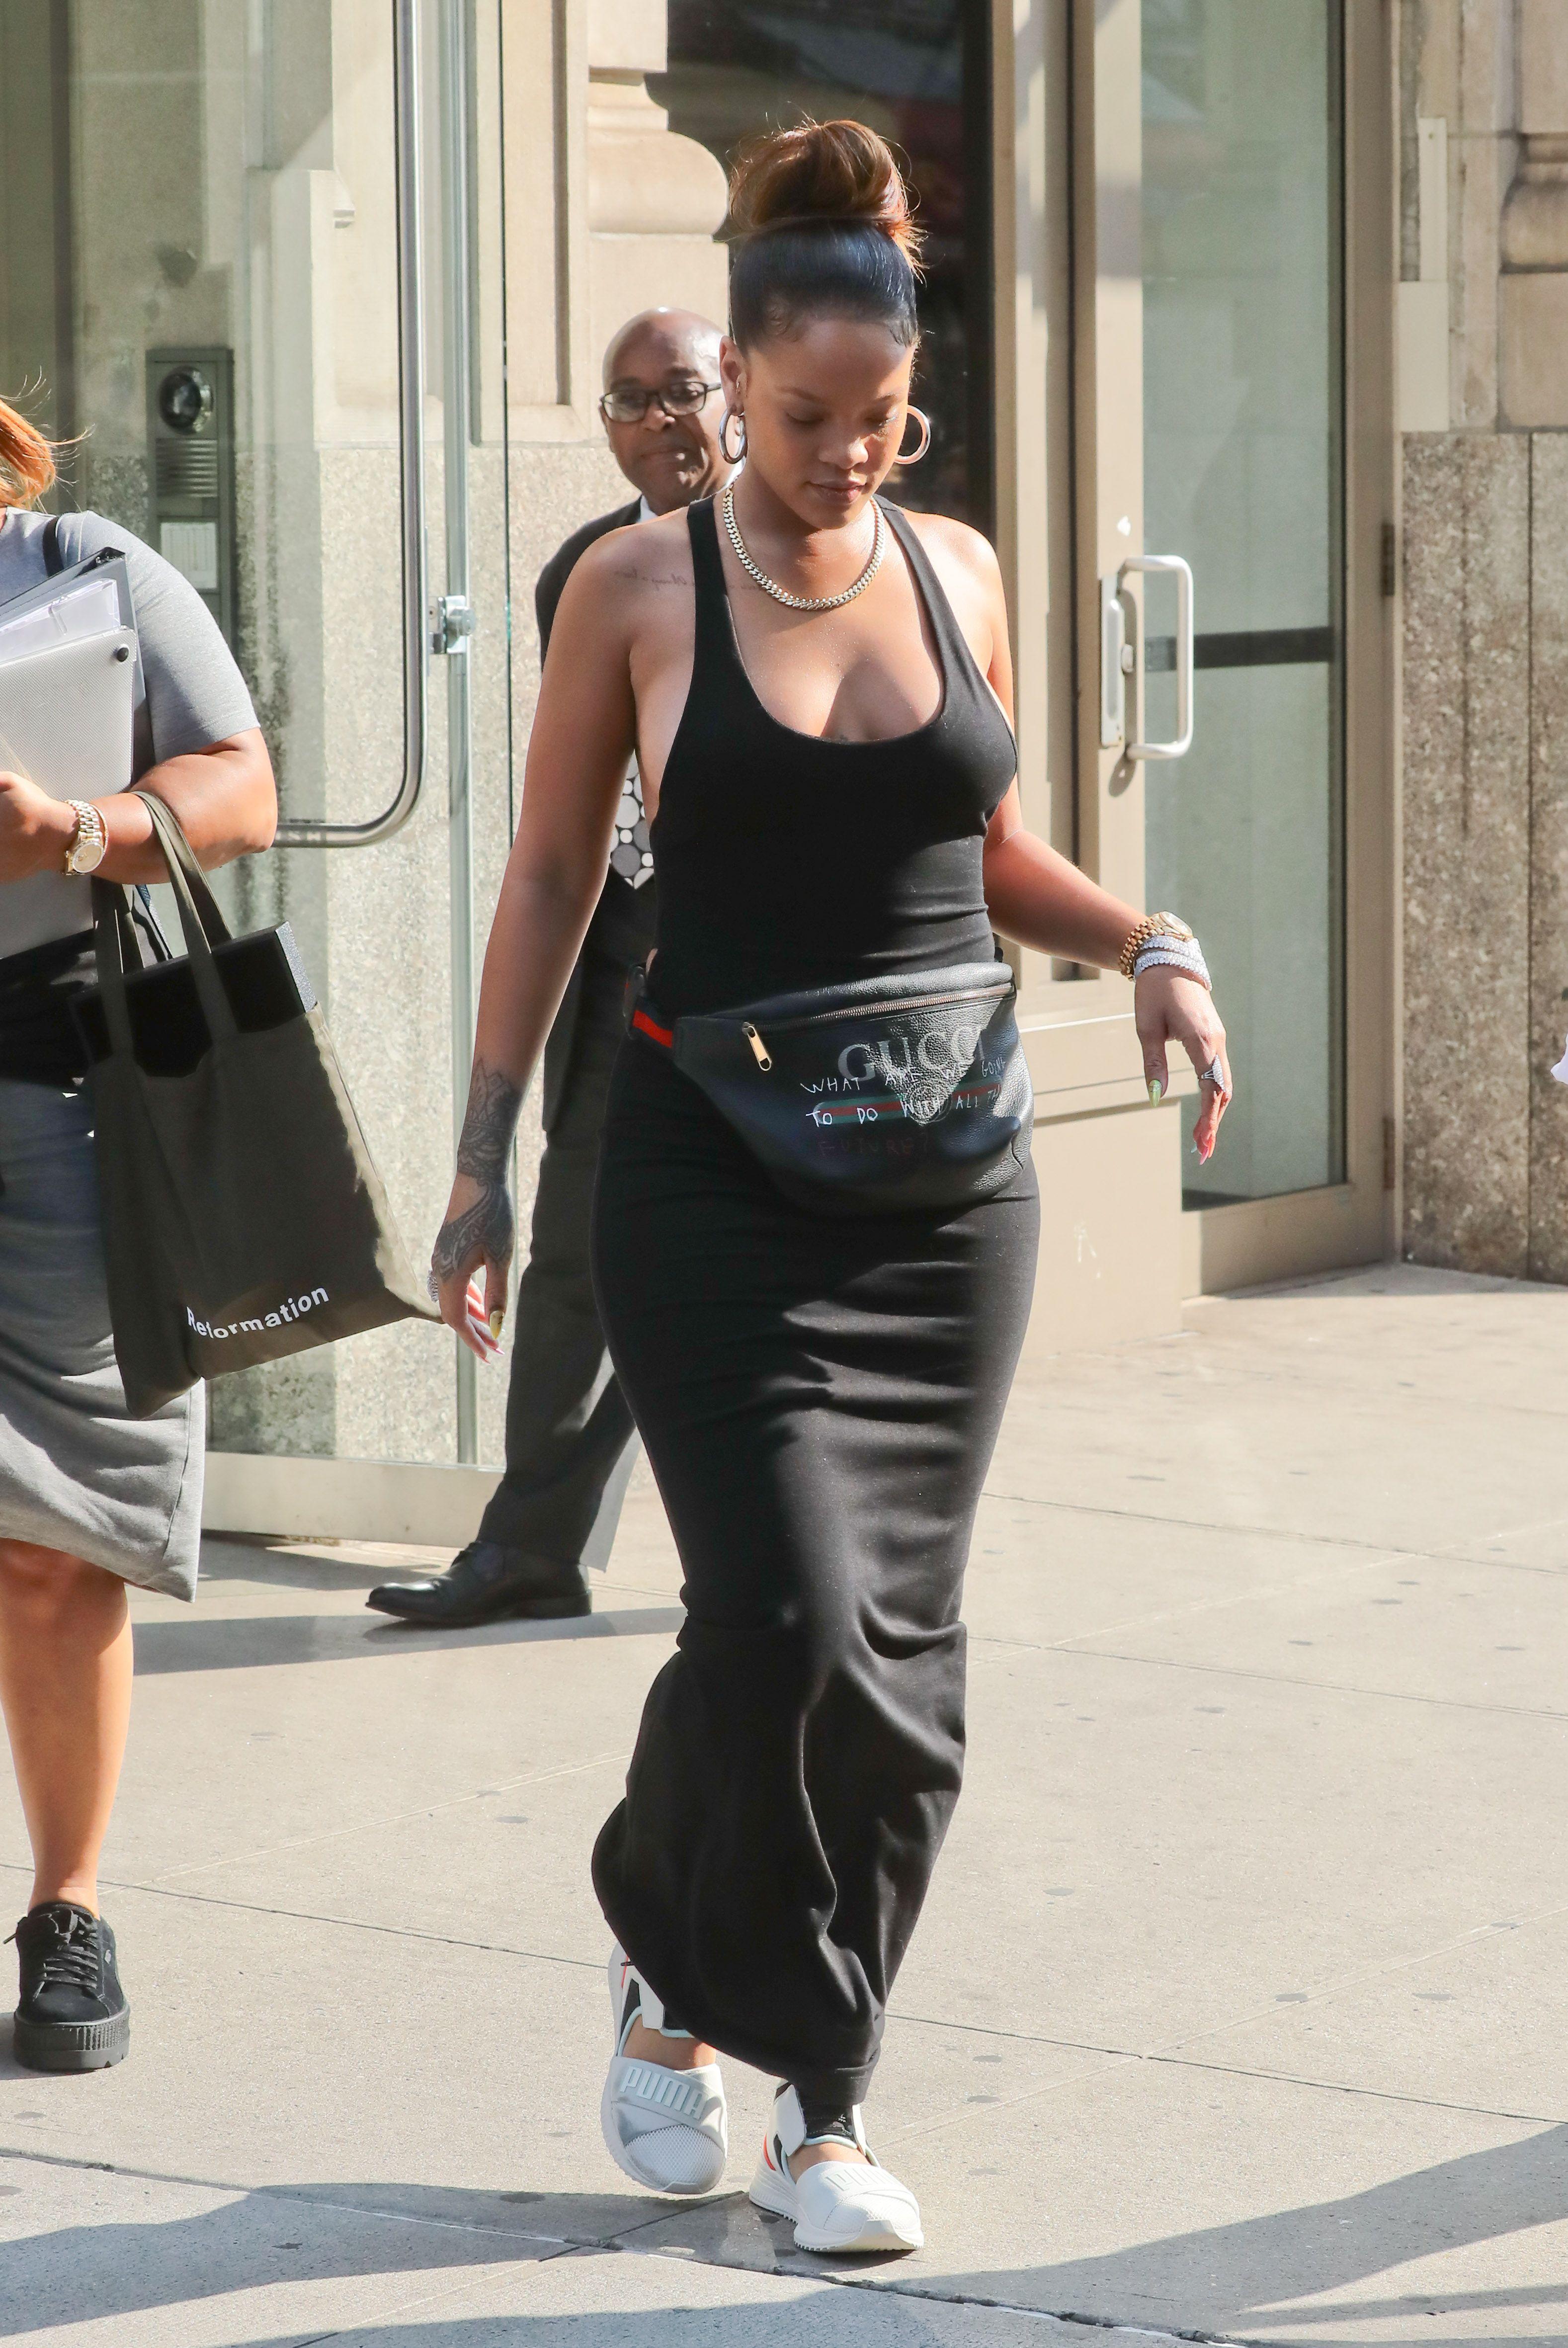 Rihanna-Braless-12-thefappeningblog.com_.jpg